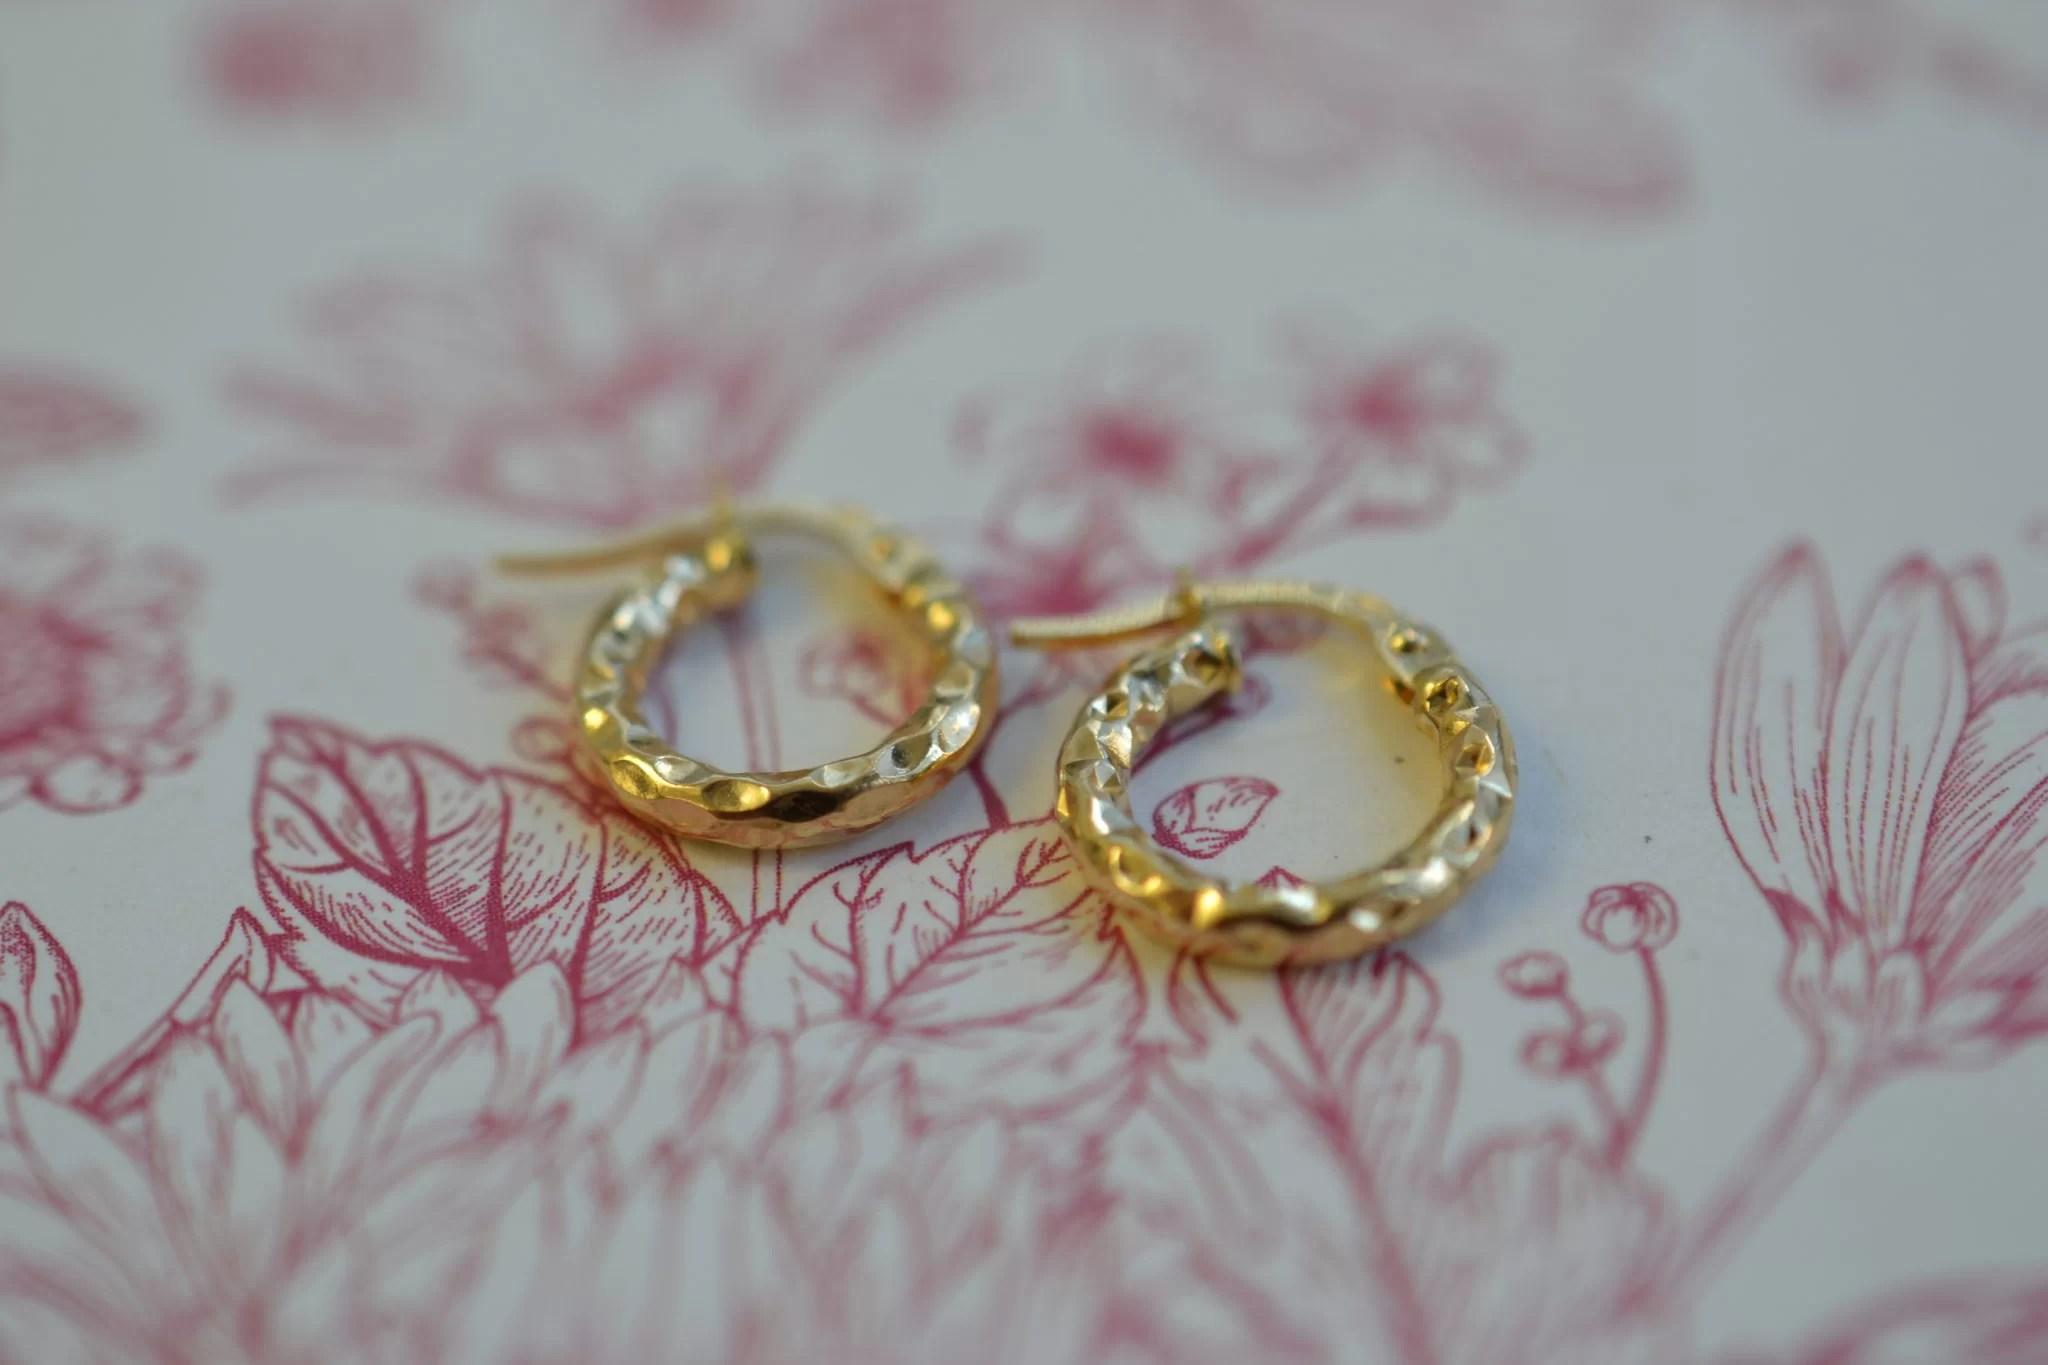 petites boucles d'oreilles anciennes en Or - petites créoles - Bijoux occasion en or